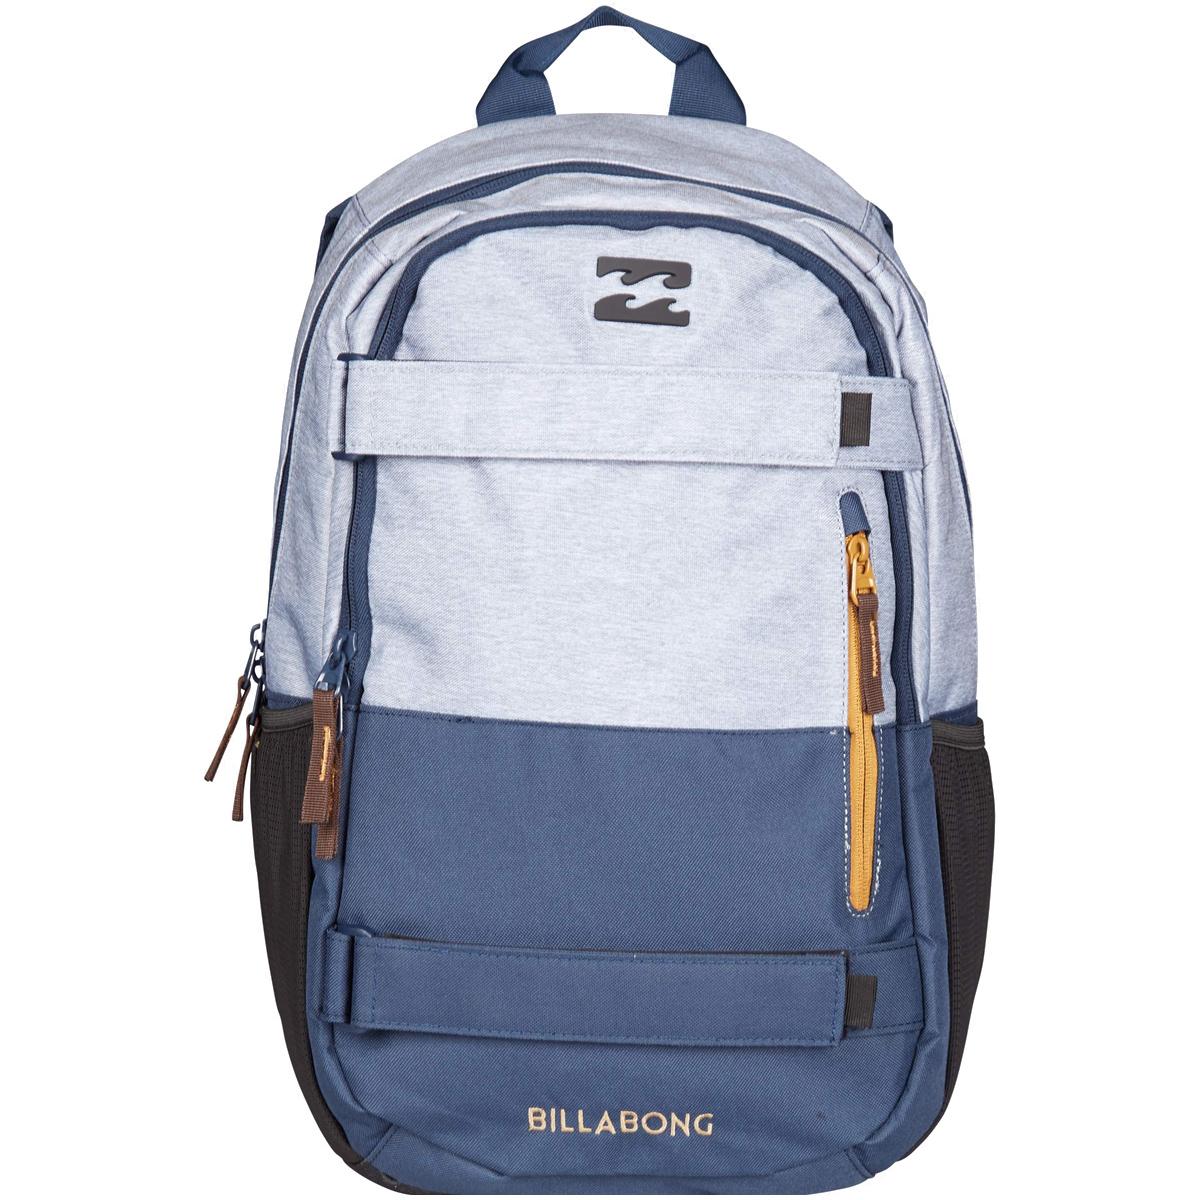 Рюкзак городской Billabong No Comply, цвет: серый, синий3607869368684Удобный рюкзак, дополненный ремнями для крепления скейтборда и отделением для ноутбука. Отличная модель, которая позволит с комфортом передвигаться по городу со скейтом, освободив руки, а также не переживать за сохранность ПК. Достаточный объем уверенно удовлетворит повседневные потребности, а эргономичные лямки подарят комфорт при транспортировке даже тяжело нагруженного рюкзака. Передний карман со скрытой молнией и с дополнительным вертикальным карманом. Боковые карманы из сетки. Усиленное дно. Эргономичные лямки регулируются по длине. Регулируемый нагрудный ремень.